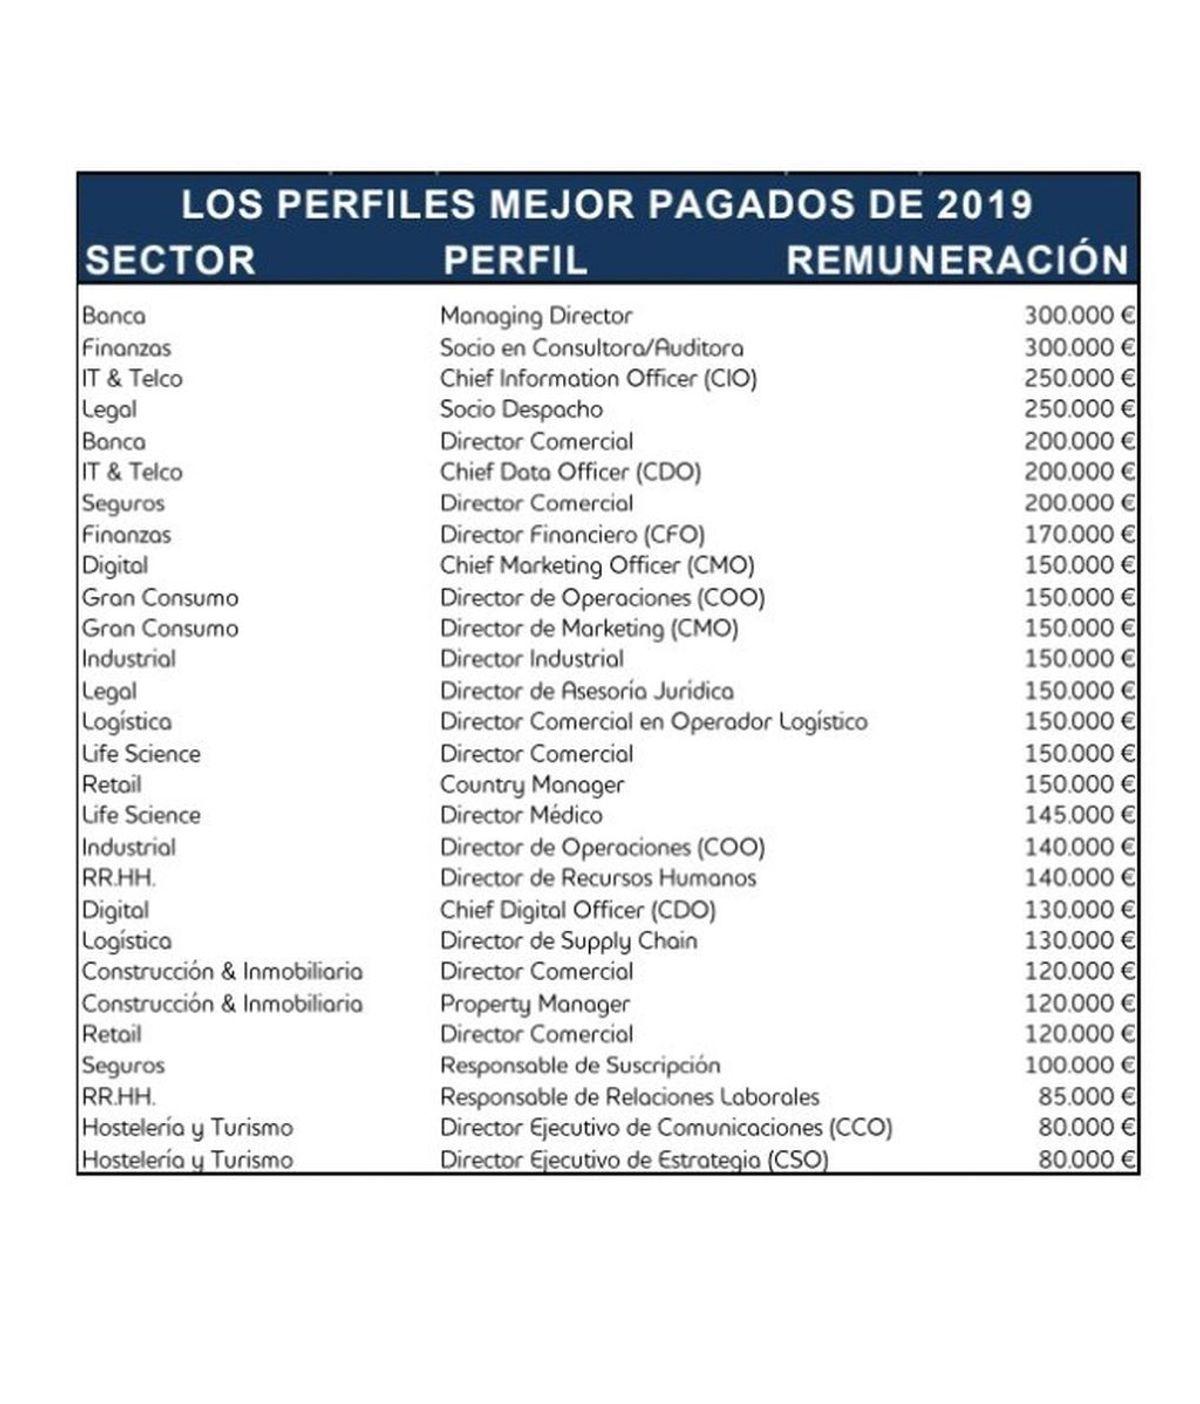 Puestos directivos mejor pagados en la España de 2019